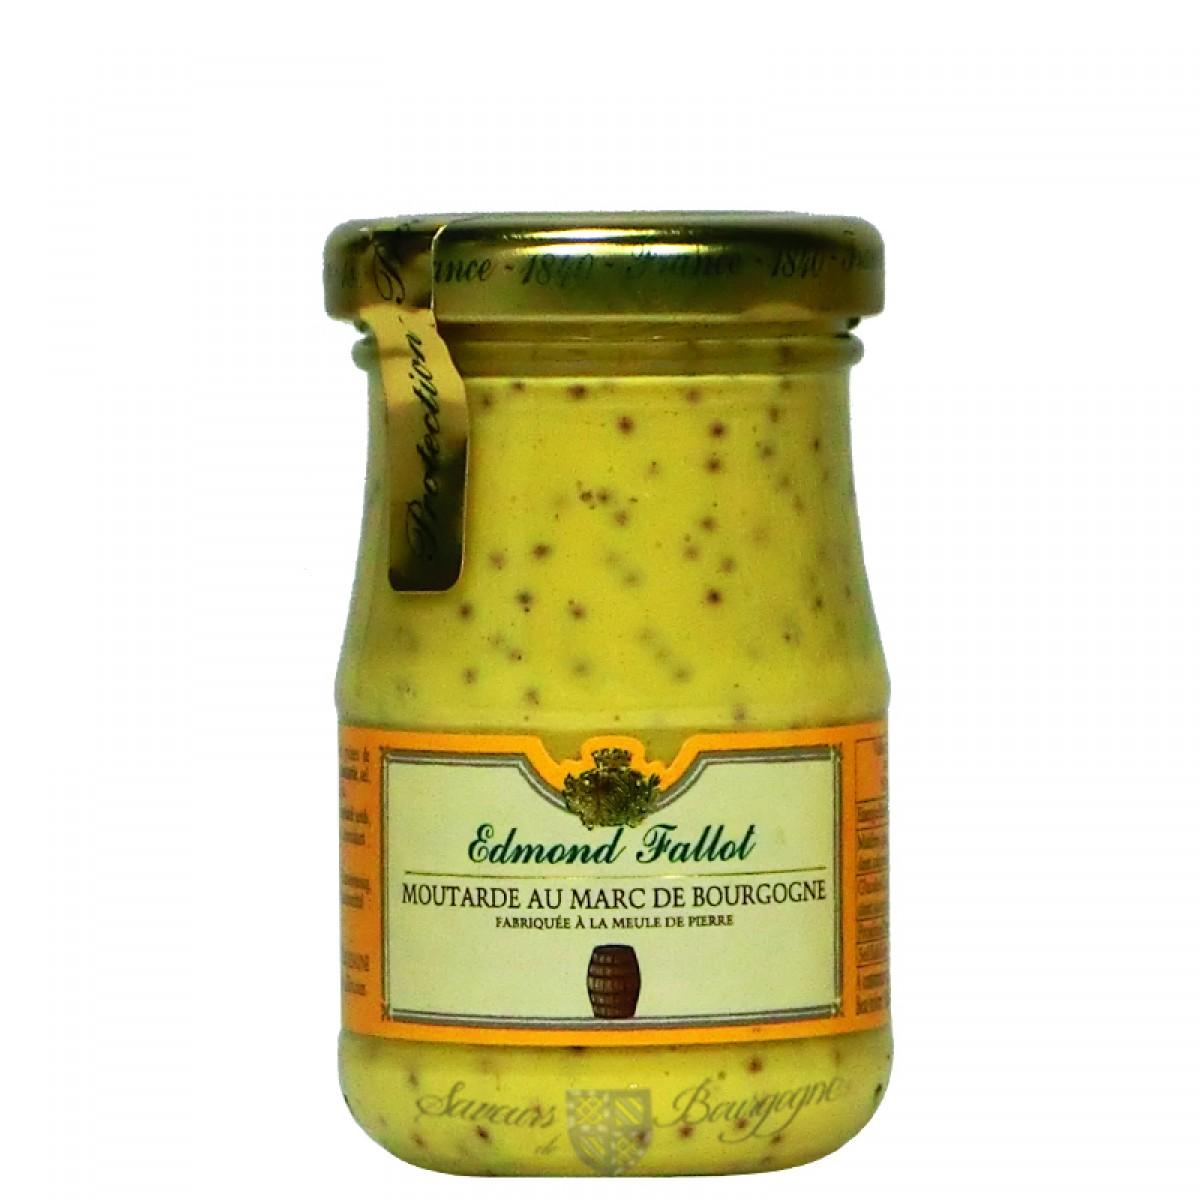 Moutarde au marc de bourgogne 100g fallot saveurs de bourgogne vente de p - Moutarde fallot vente ...